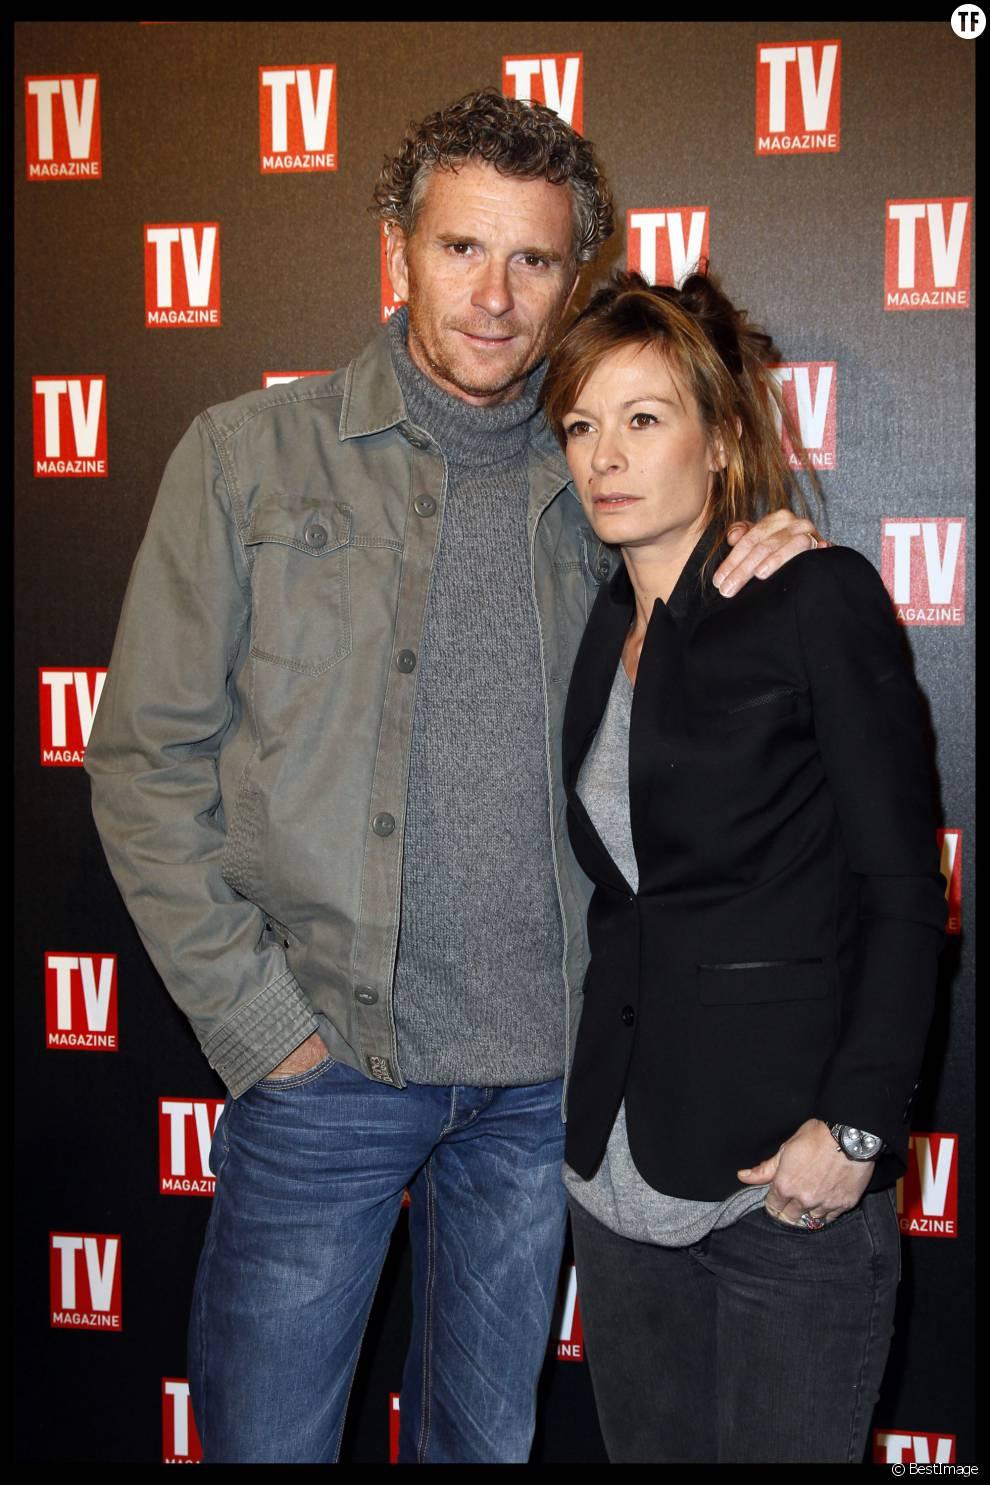 DENIS BROGNIART ET SA FEMME HORTENSE TV MAGAZINE FETE SES 25 ANS AU PLAZA ATHENEE, LE 8 FEVRIER 2012 A PARIS.